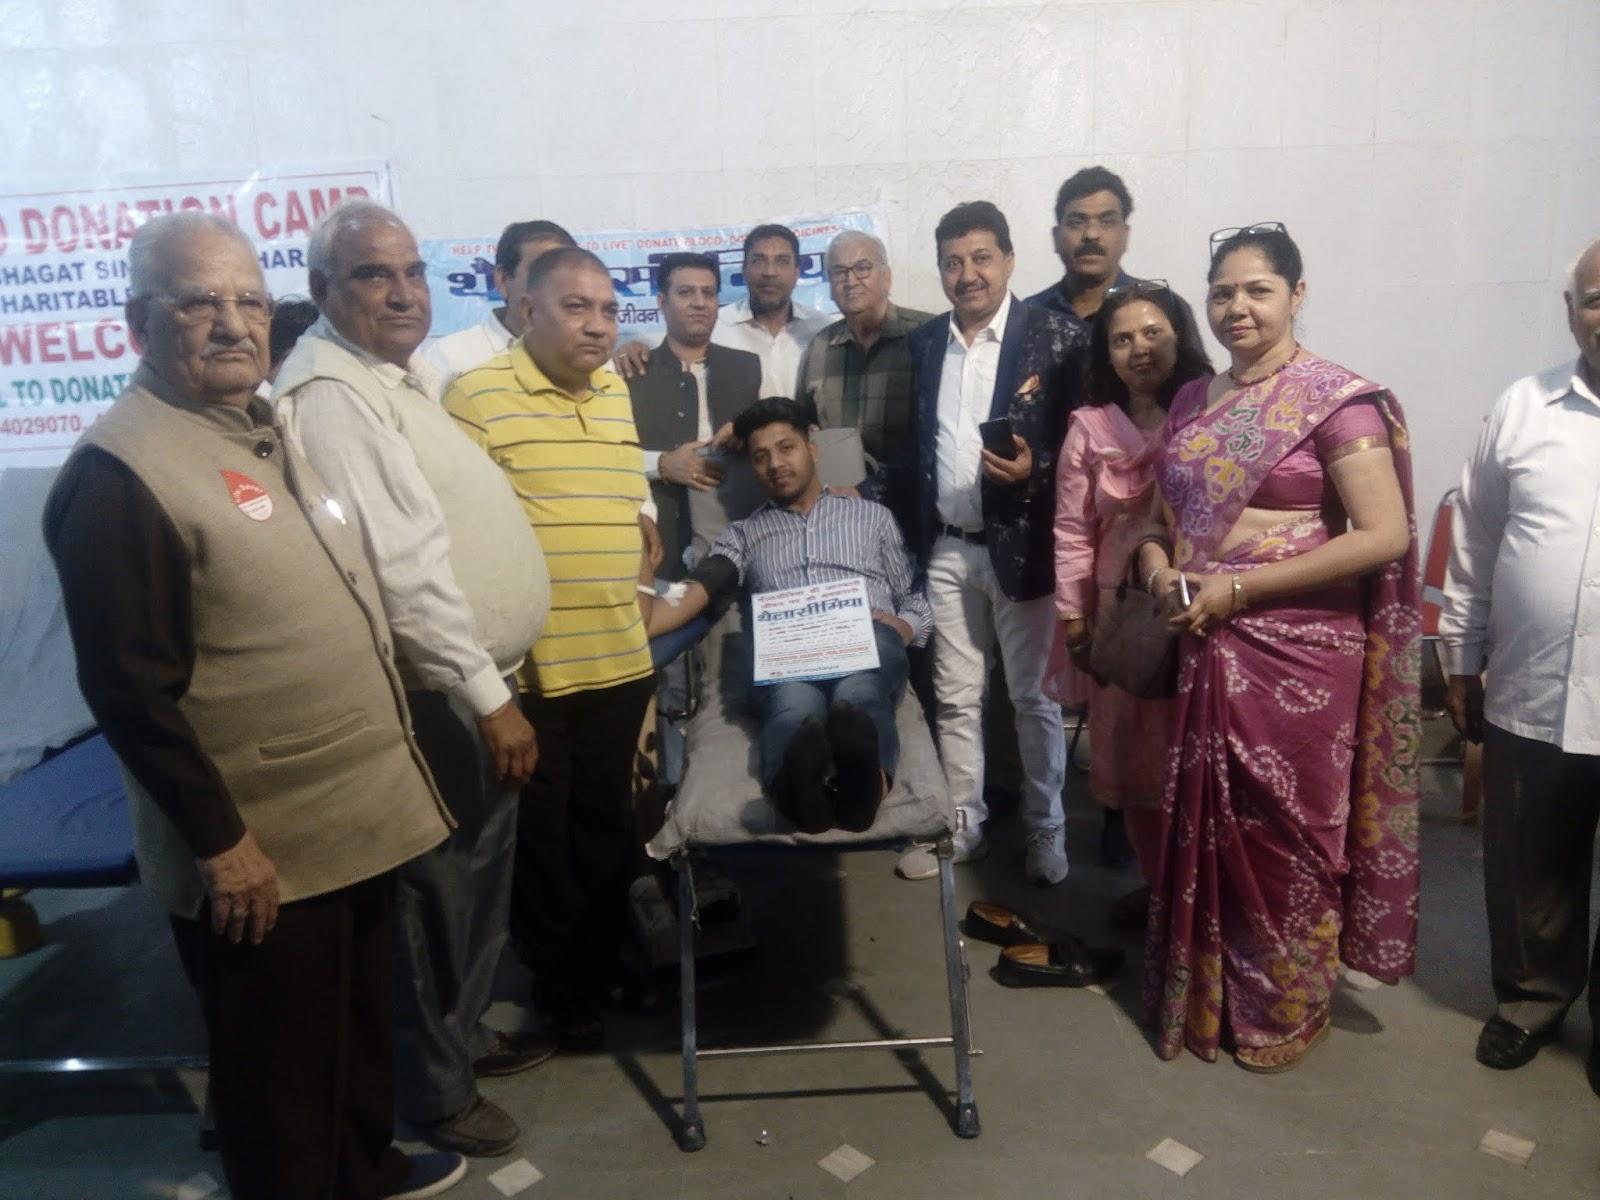 बन्नू मरवत बिरादरी ने थेलसिमिया ग्रस्त बच्चों के लिए विशाल रक्तदान शिविर का आयोजन किया